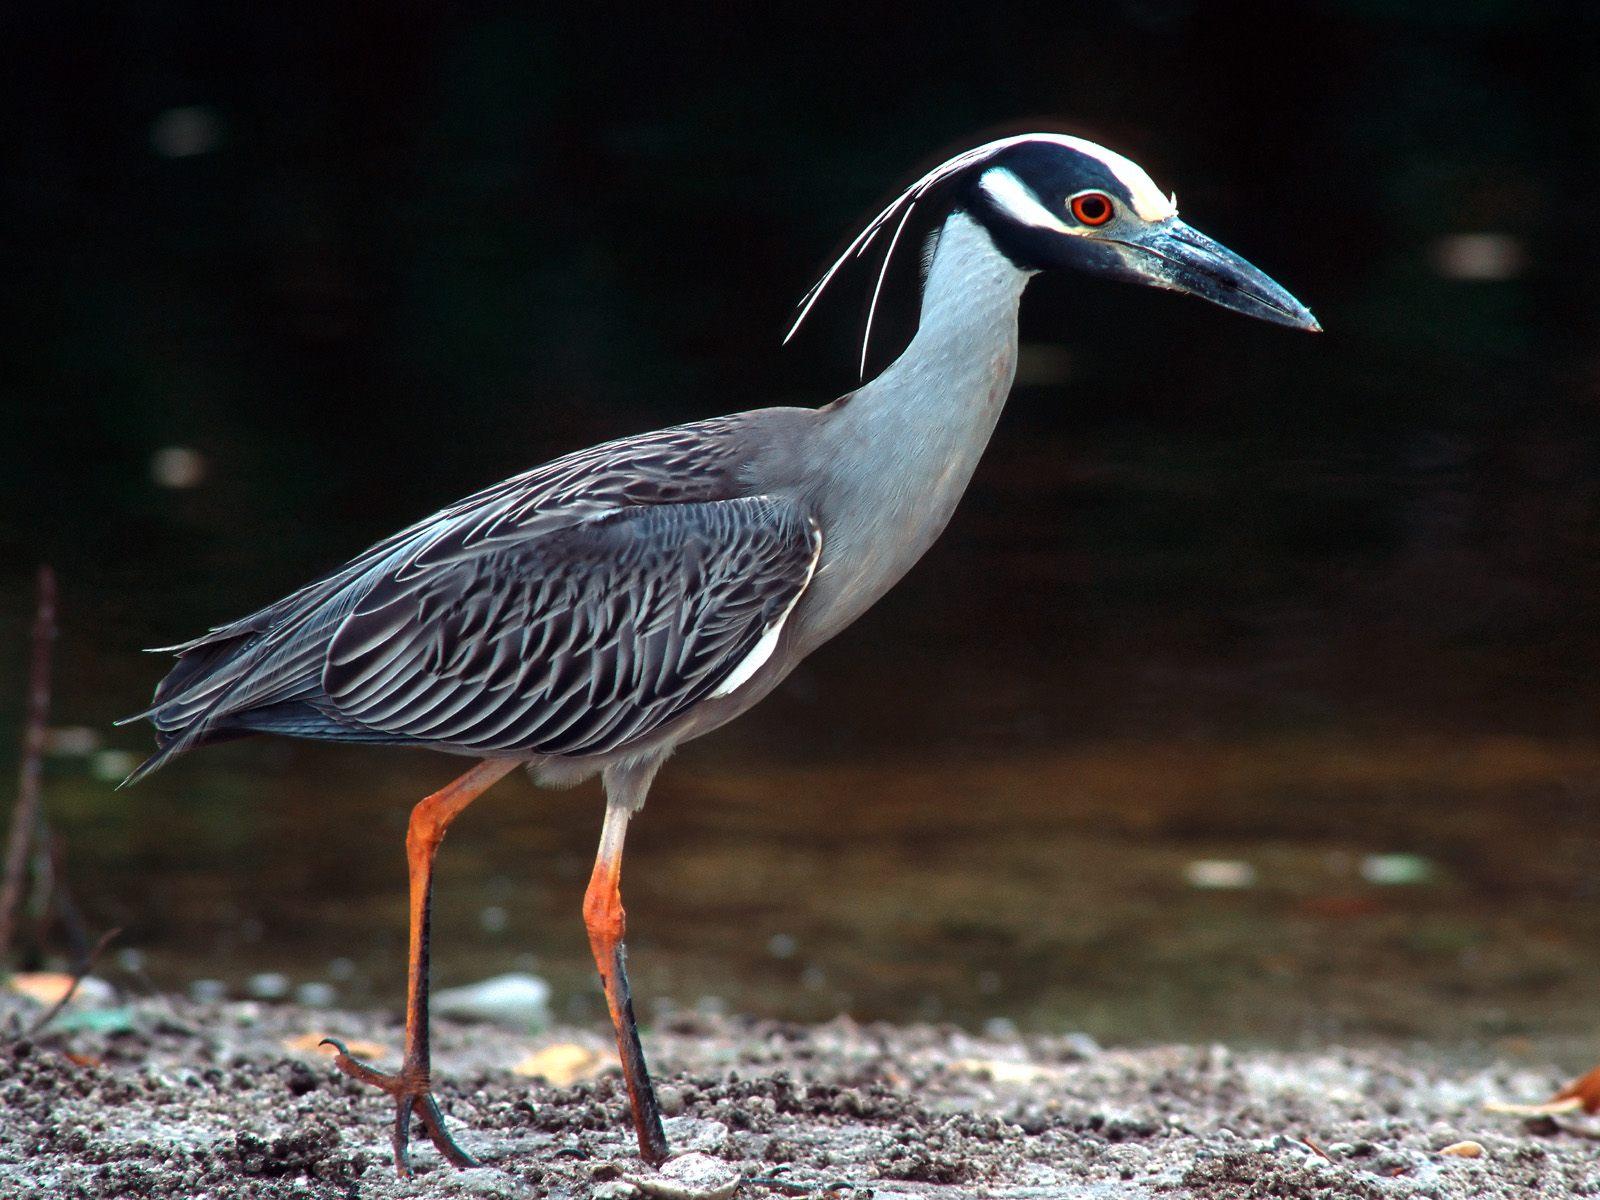 птицы и животный мир европы фото изображением такого